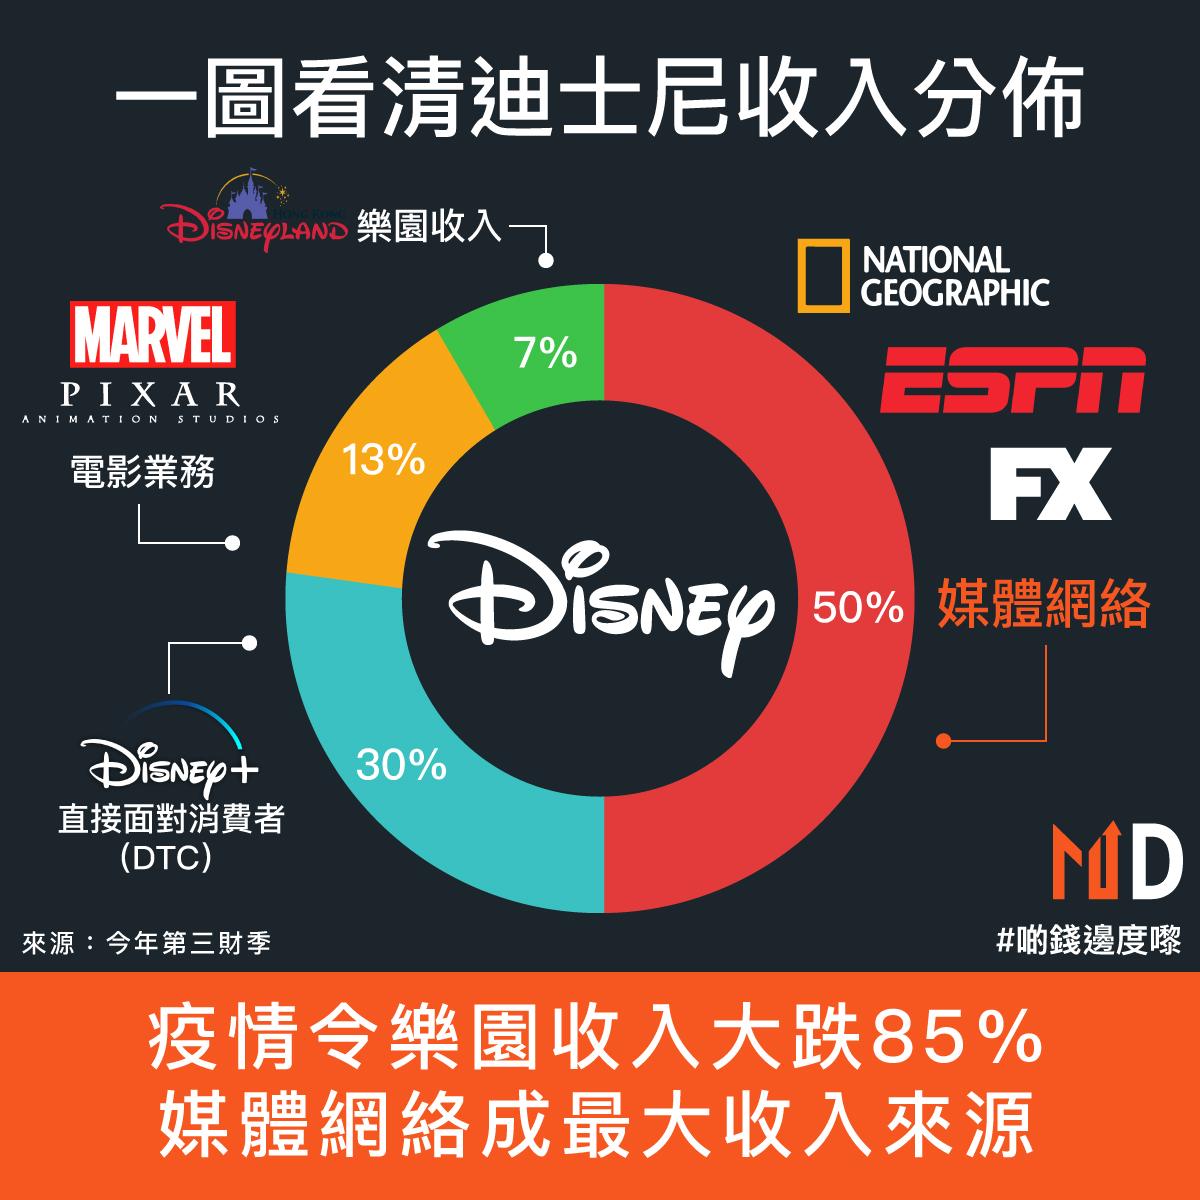 【啲錢邊度嚟】一圖看清迪士尼收入分佈